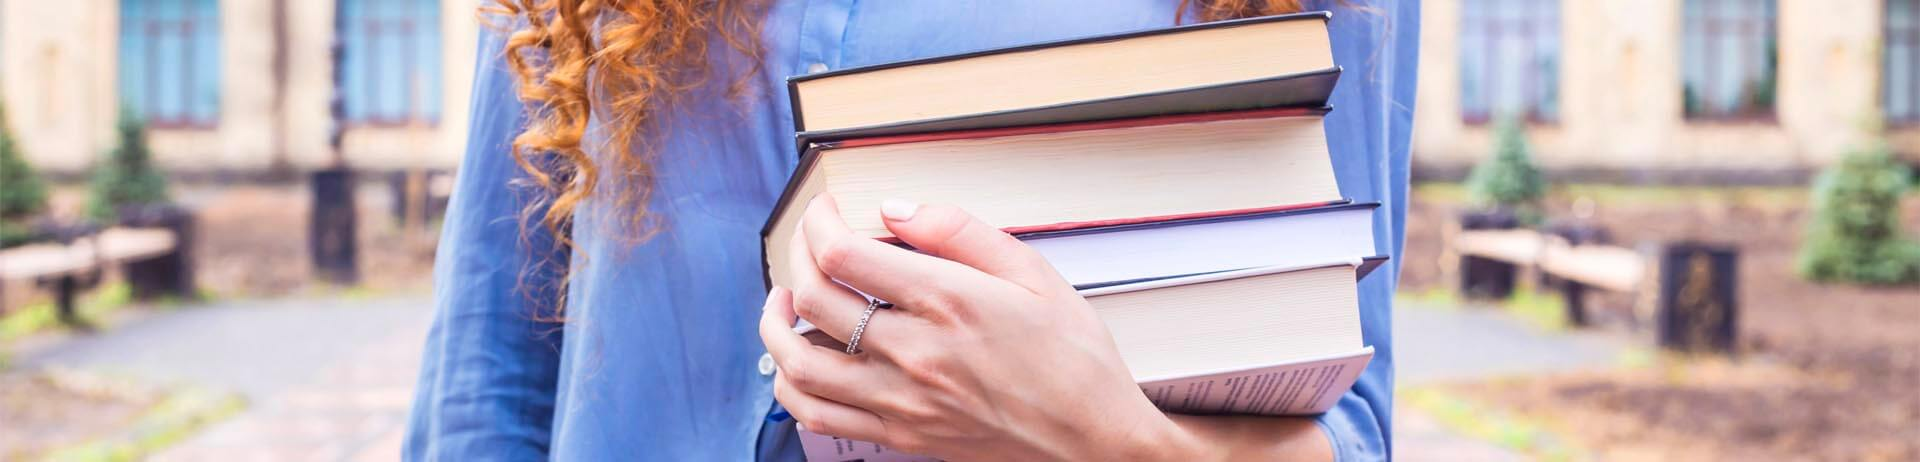 Esame avvocato - Quali libri scegliere